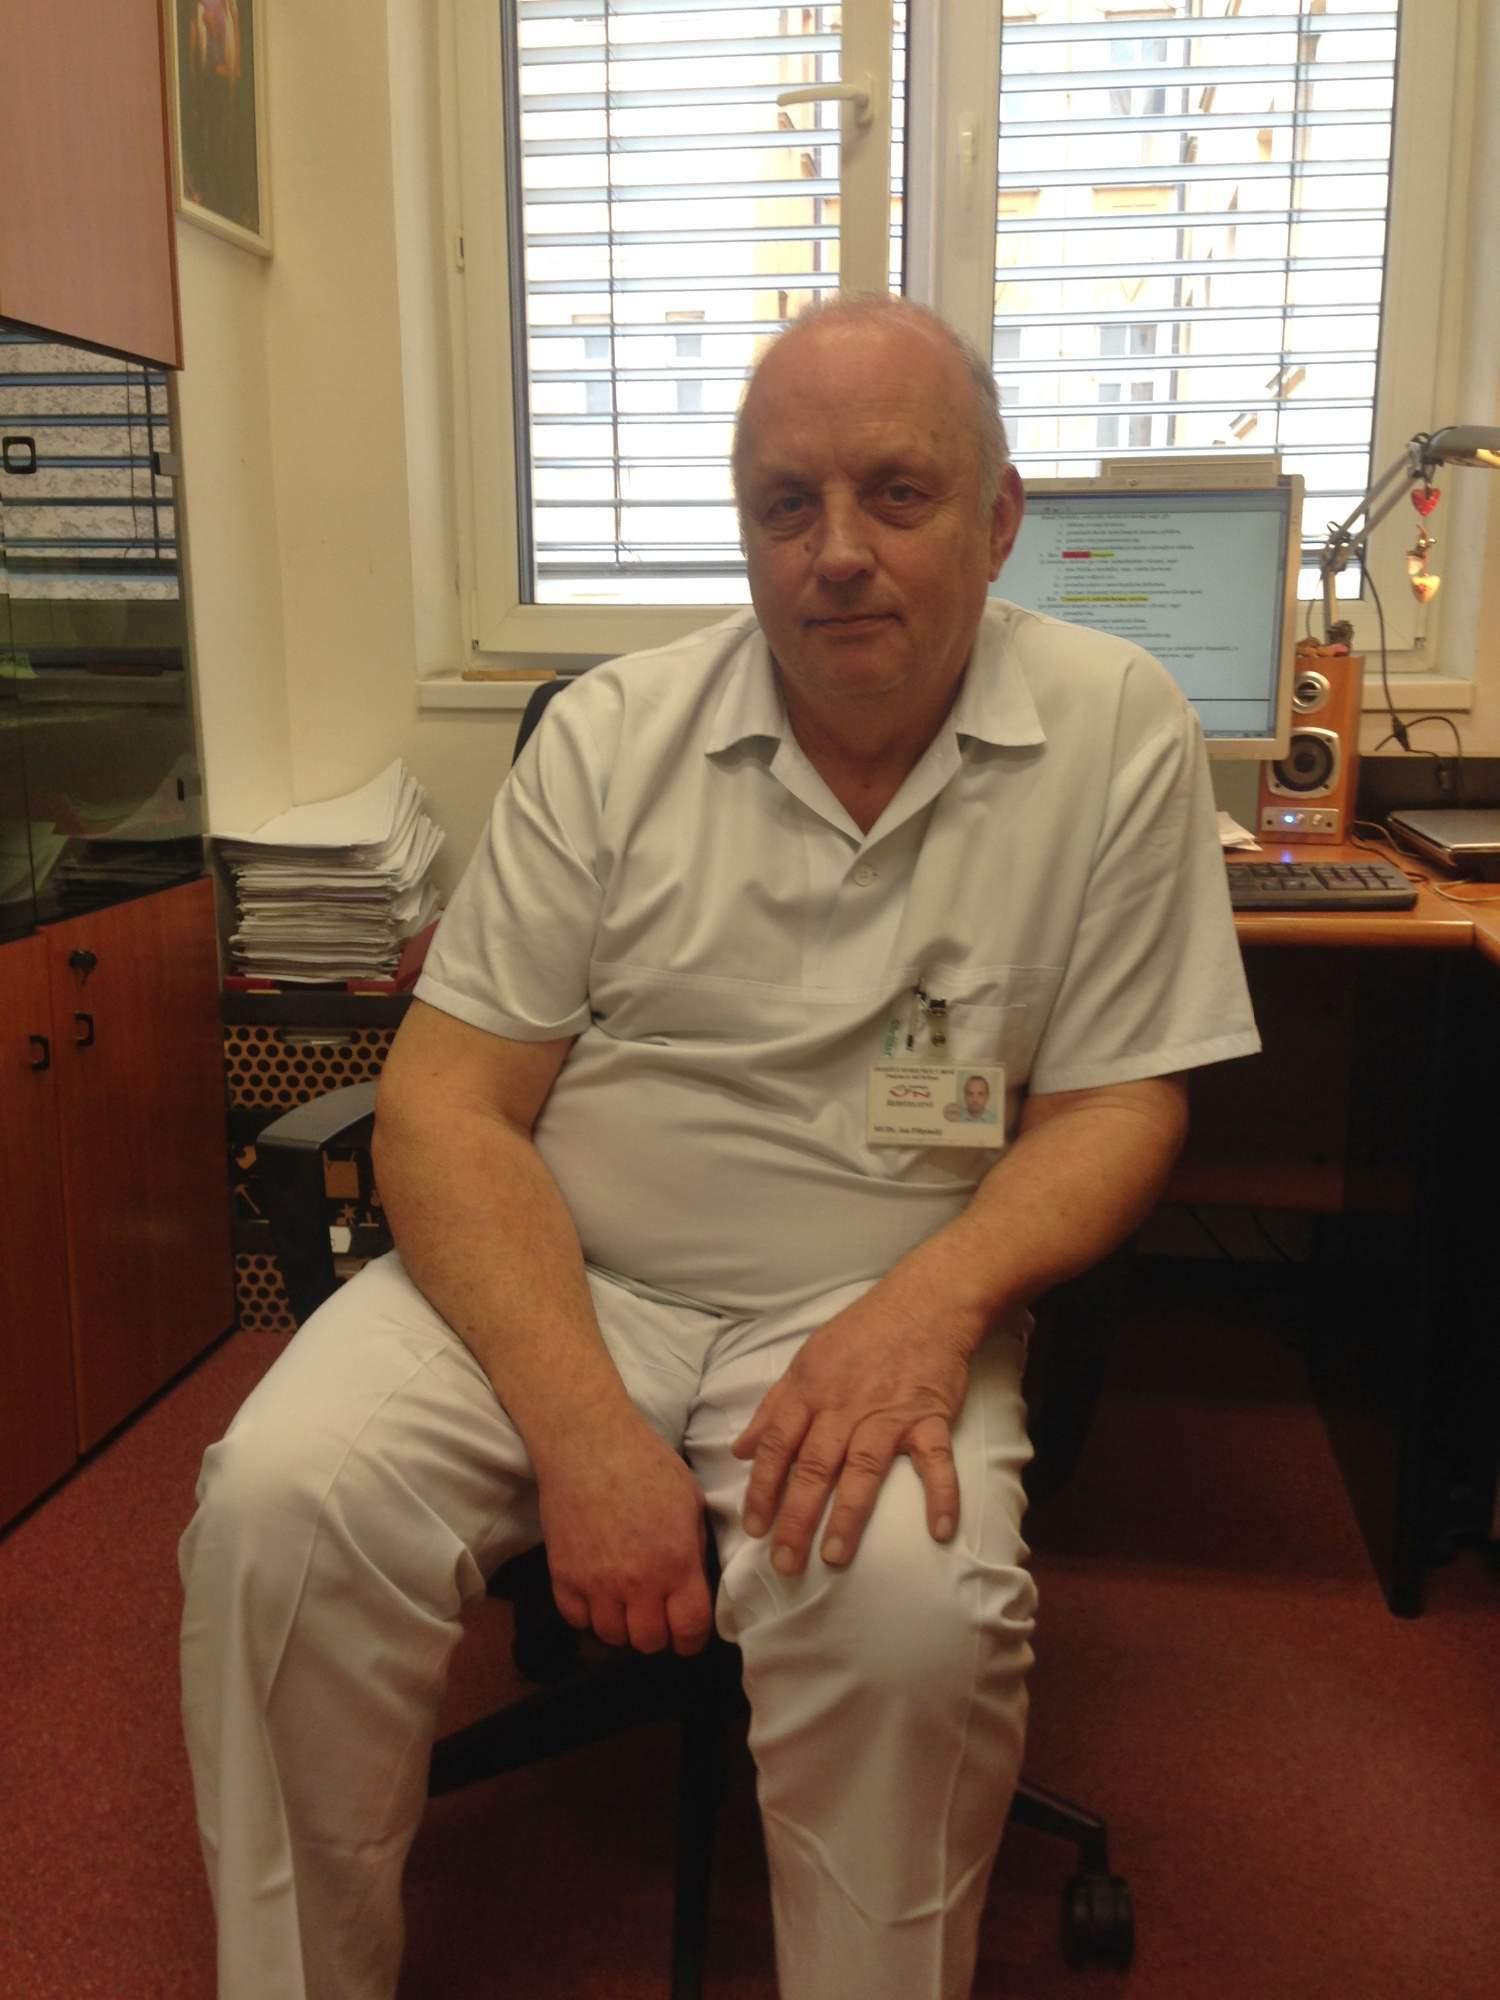 Lékař Jan Filipinský vede v Úrazové nemocnici Brno oddělení pohotovosti. Foto: Eliška Pospíšilová